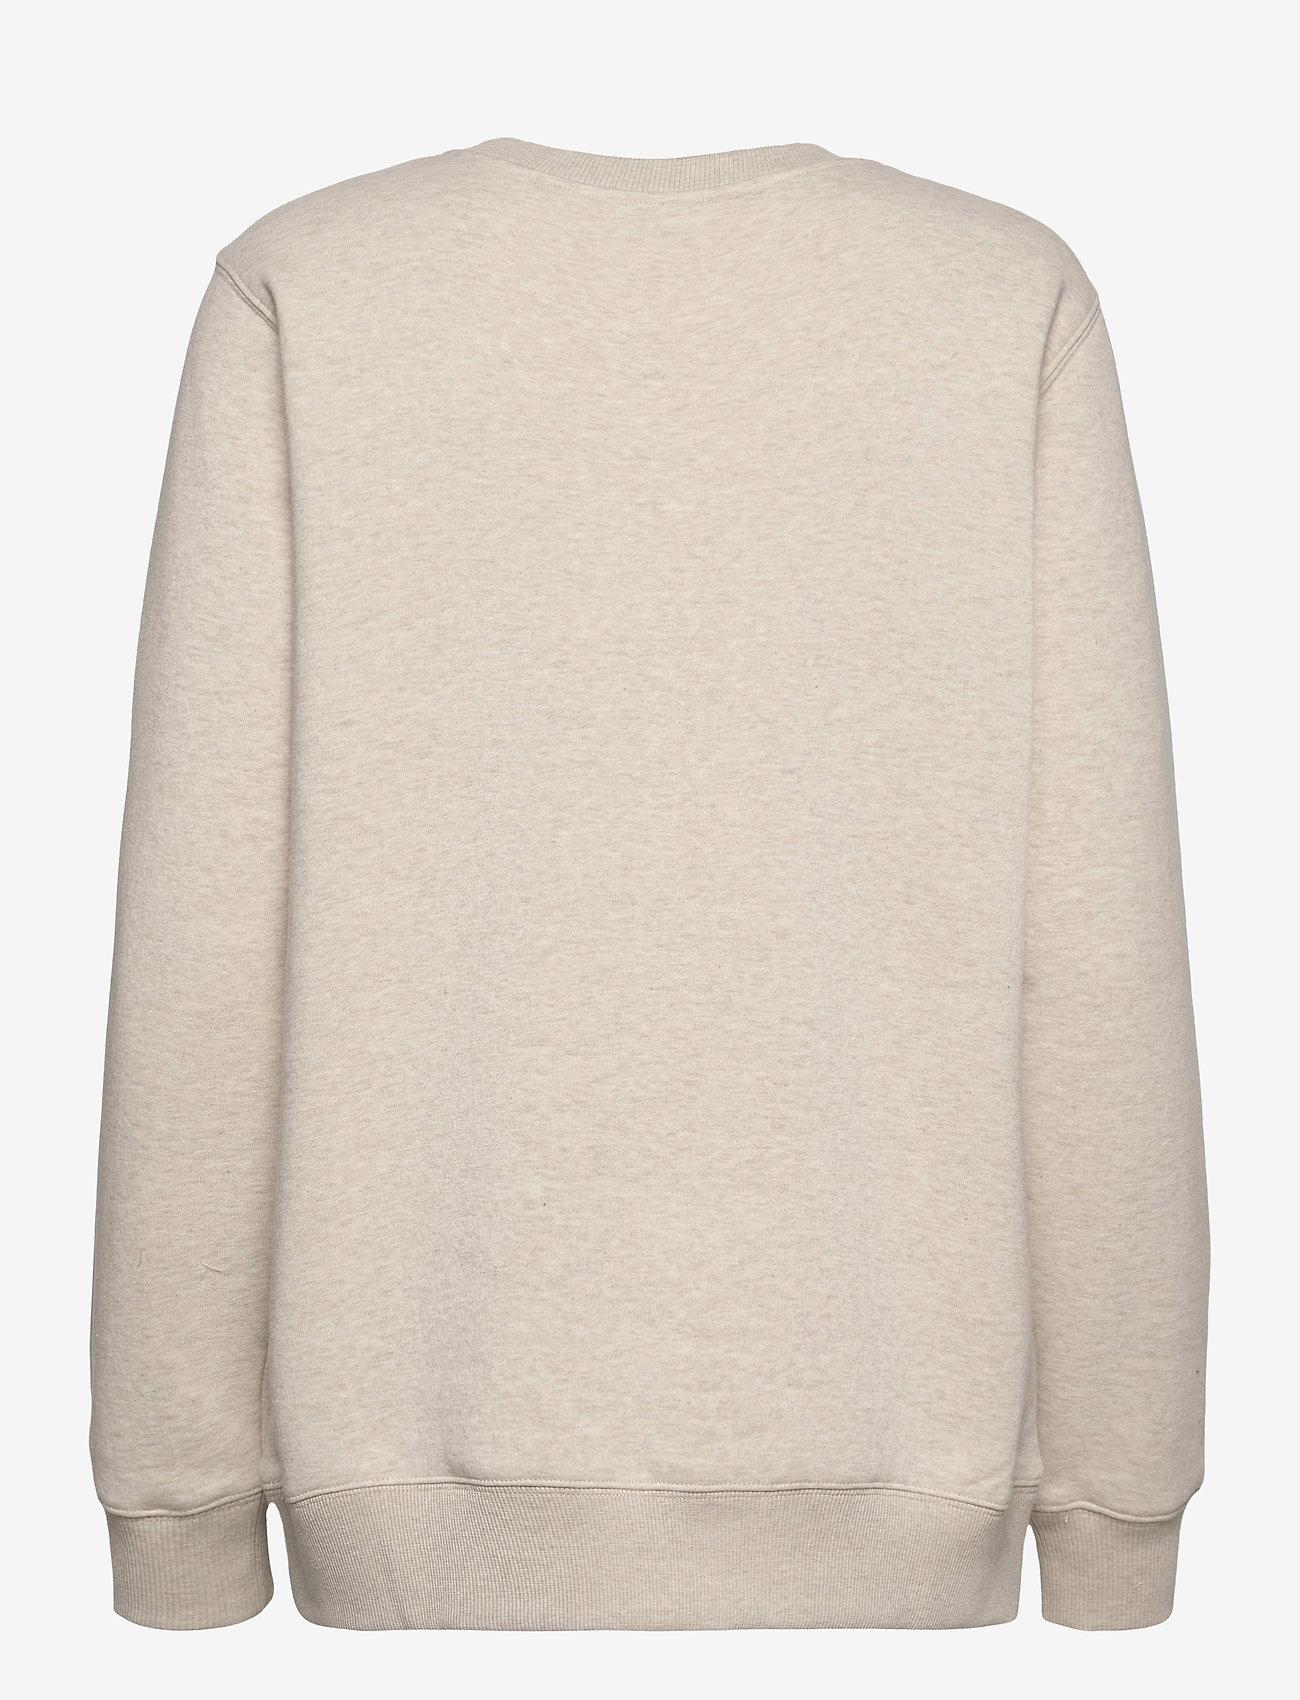 Michael Kors - UNISEX TONAL SWEATSHIRT - sweatshirts en hoodies - dune heather - 1